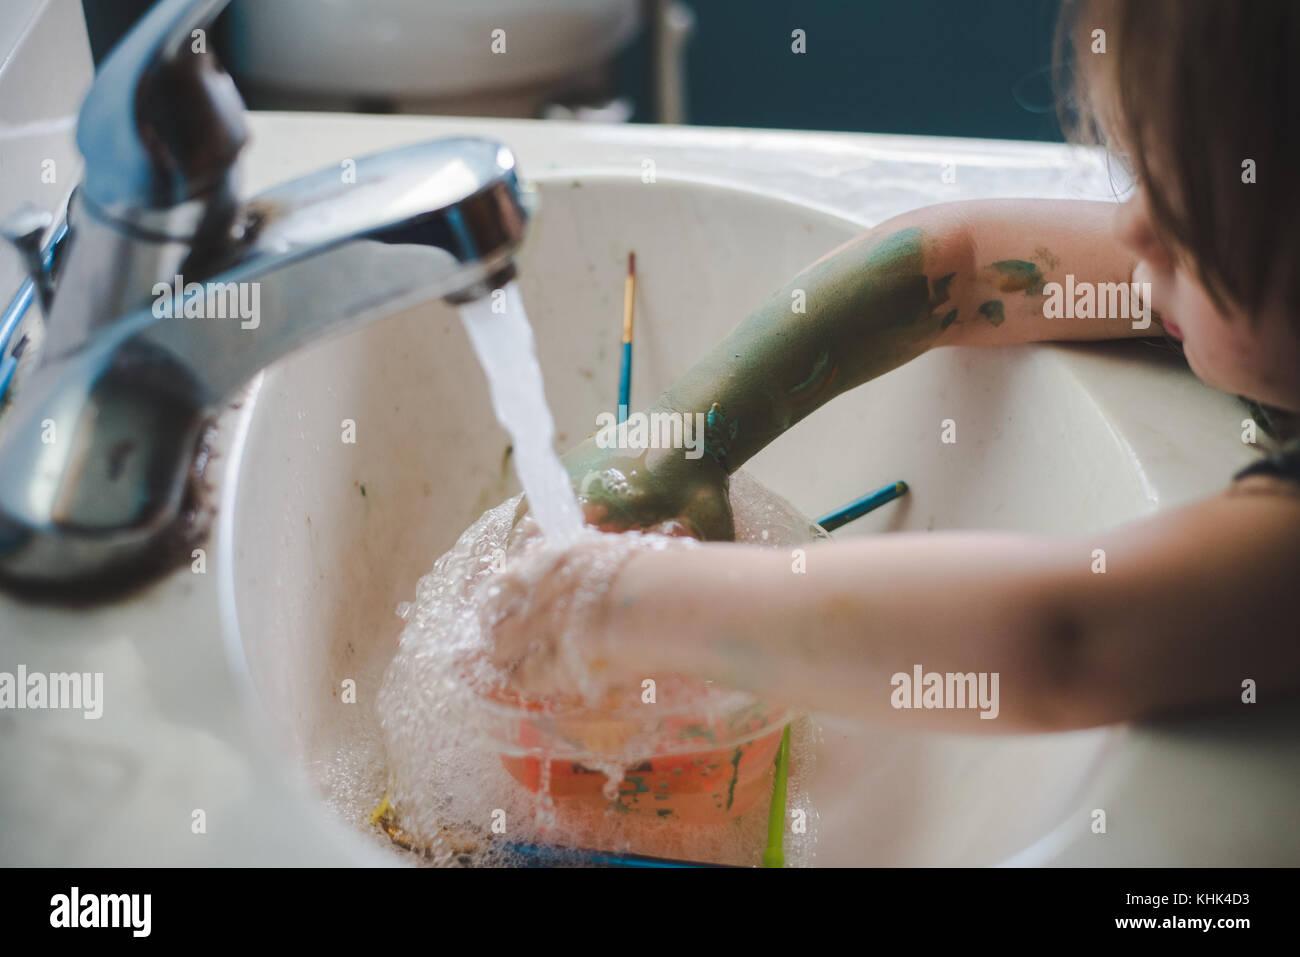 Ein Kleinkind Mädchen waschen Farbe weg die Hände in einem Waschbecken im Bad. Stockfoto